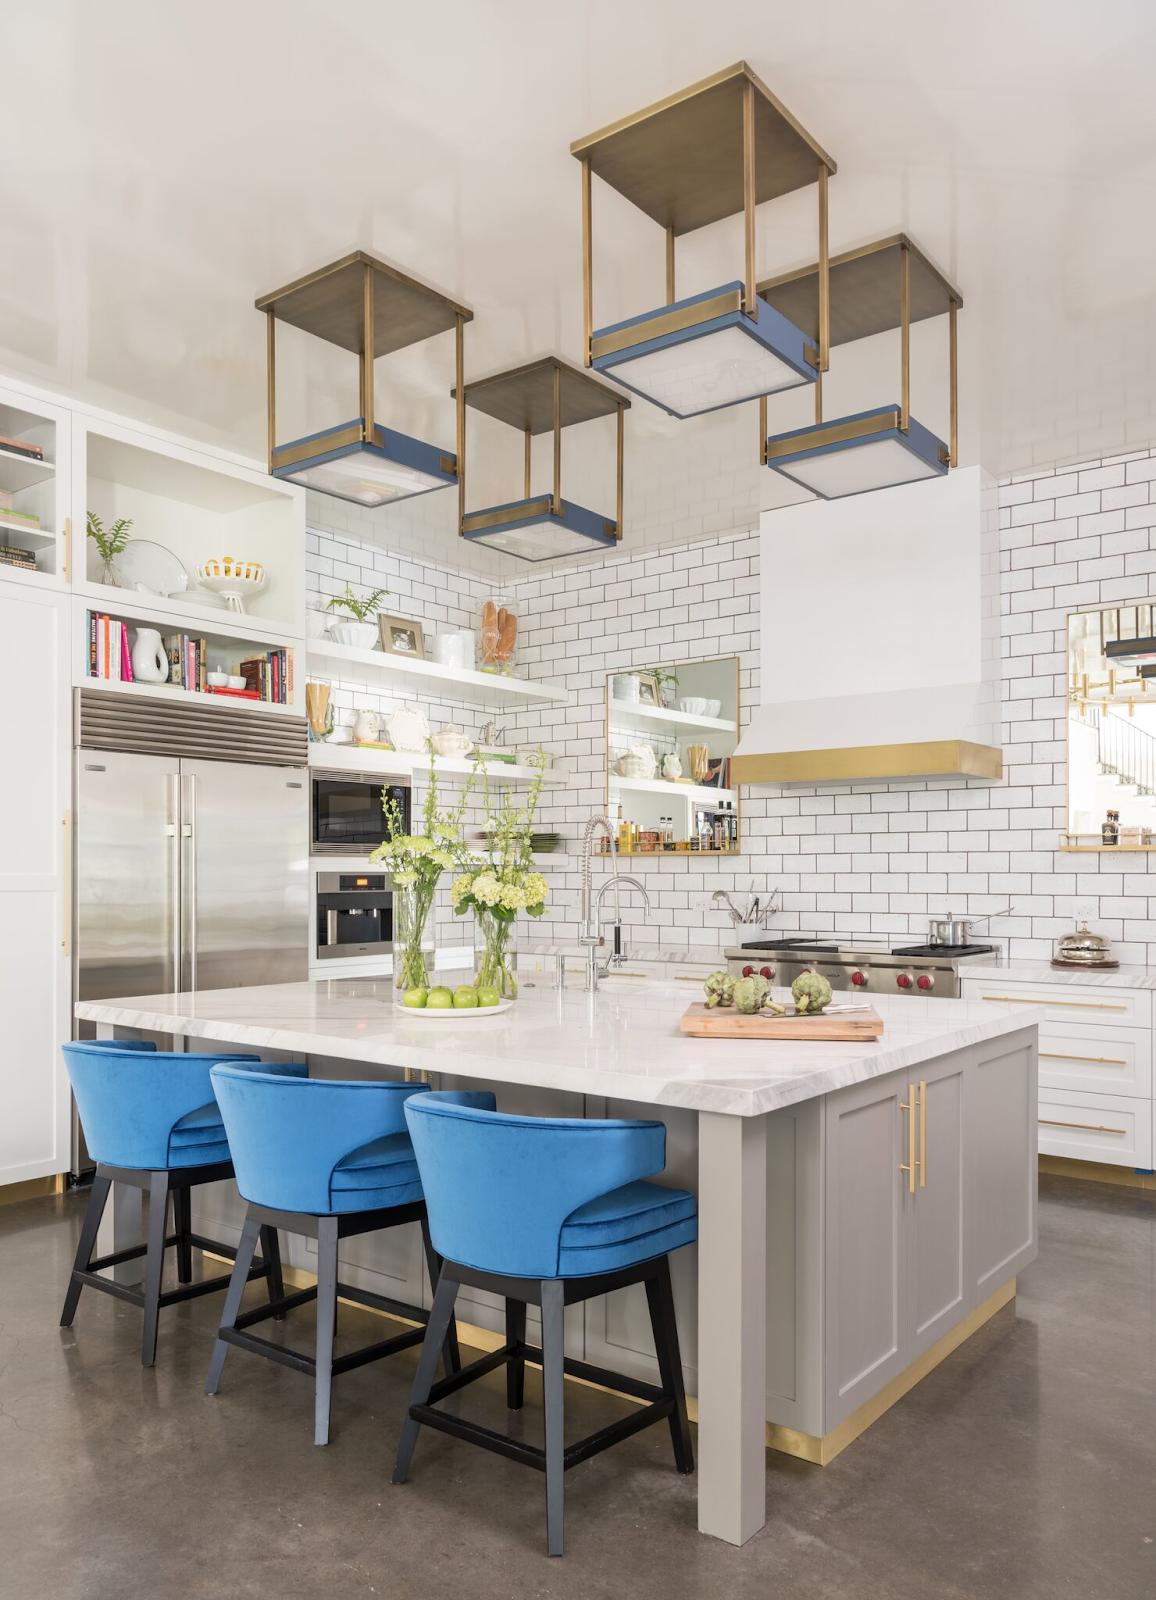 White subway tile modern kitchen by Laura U Interior Design